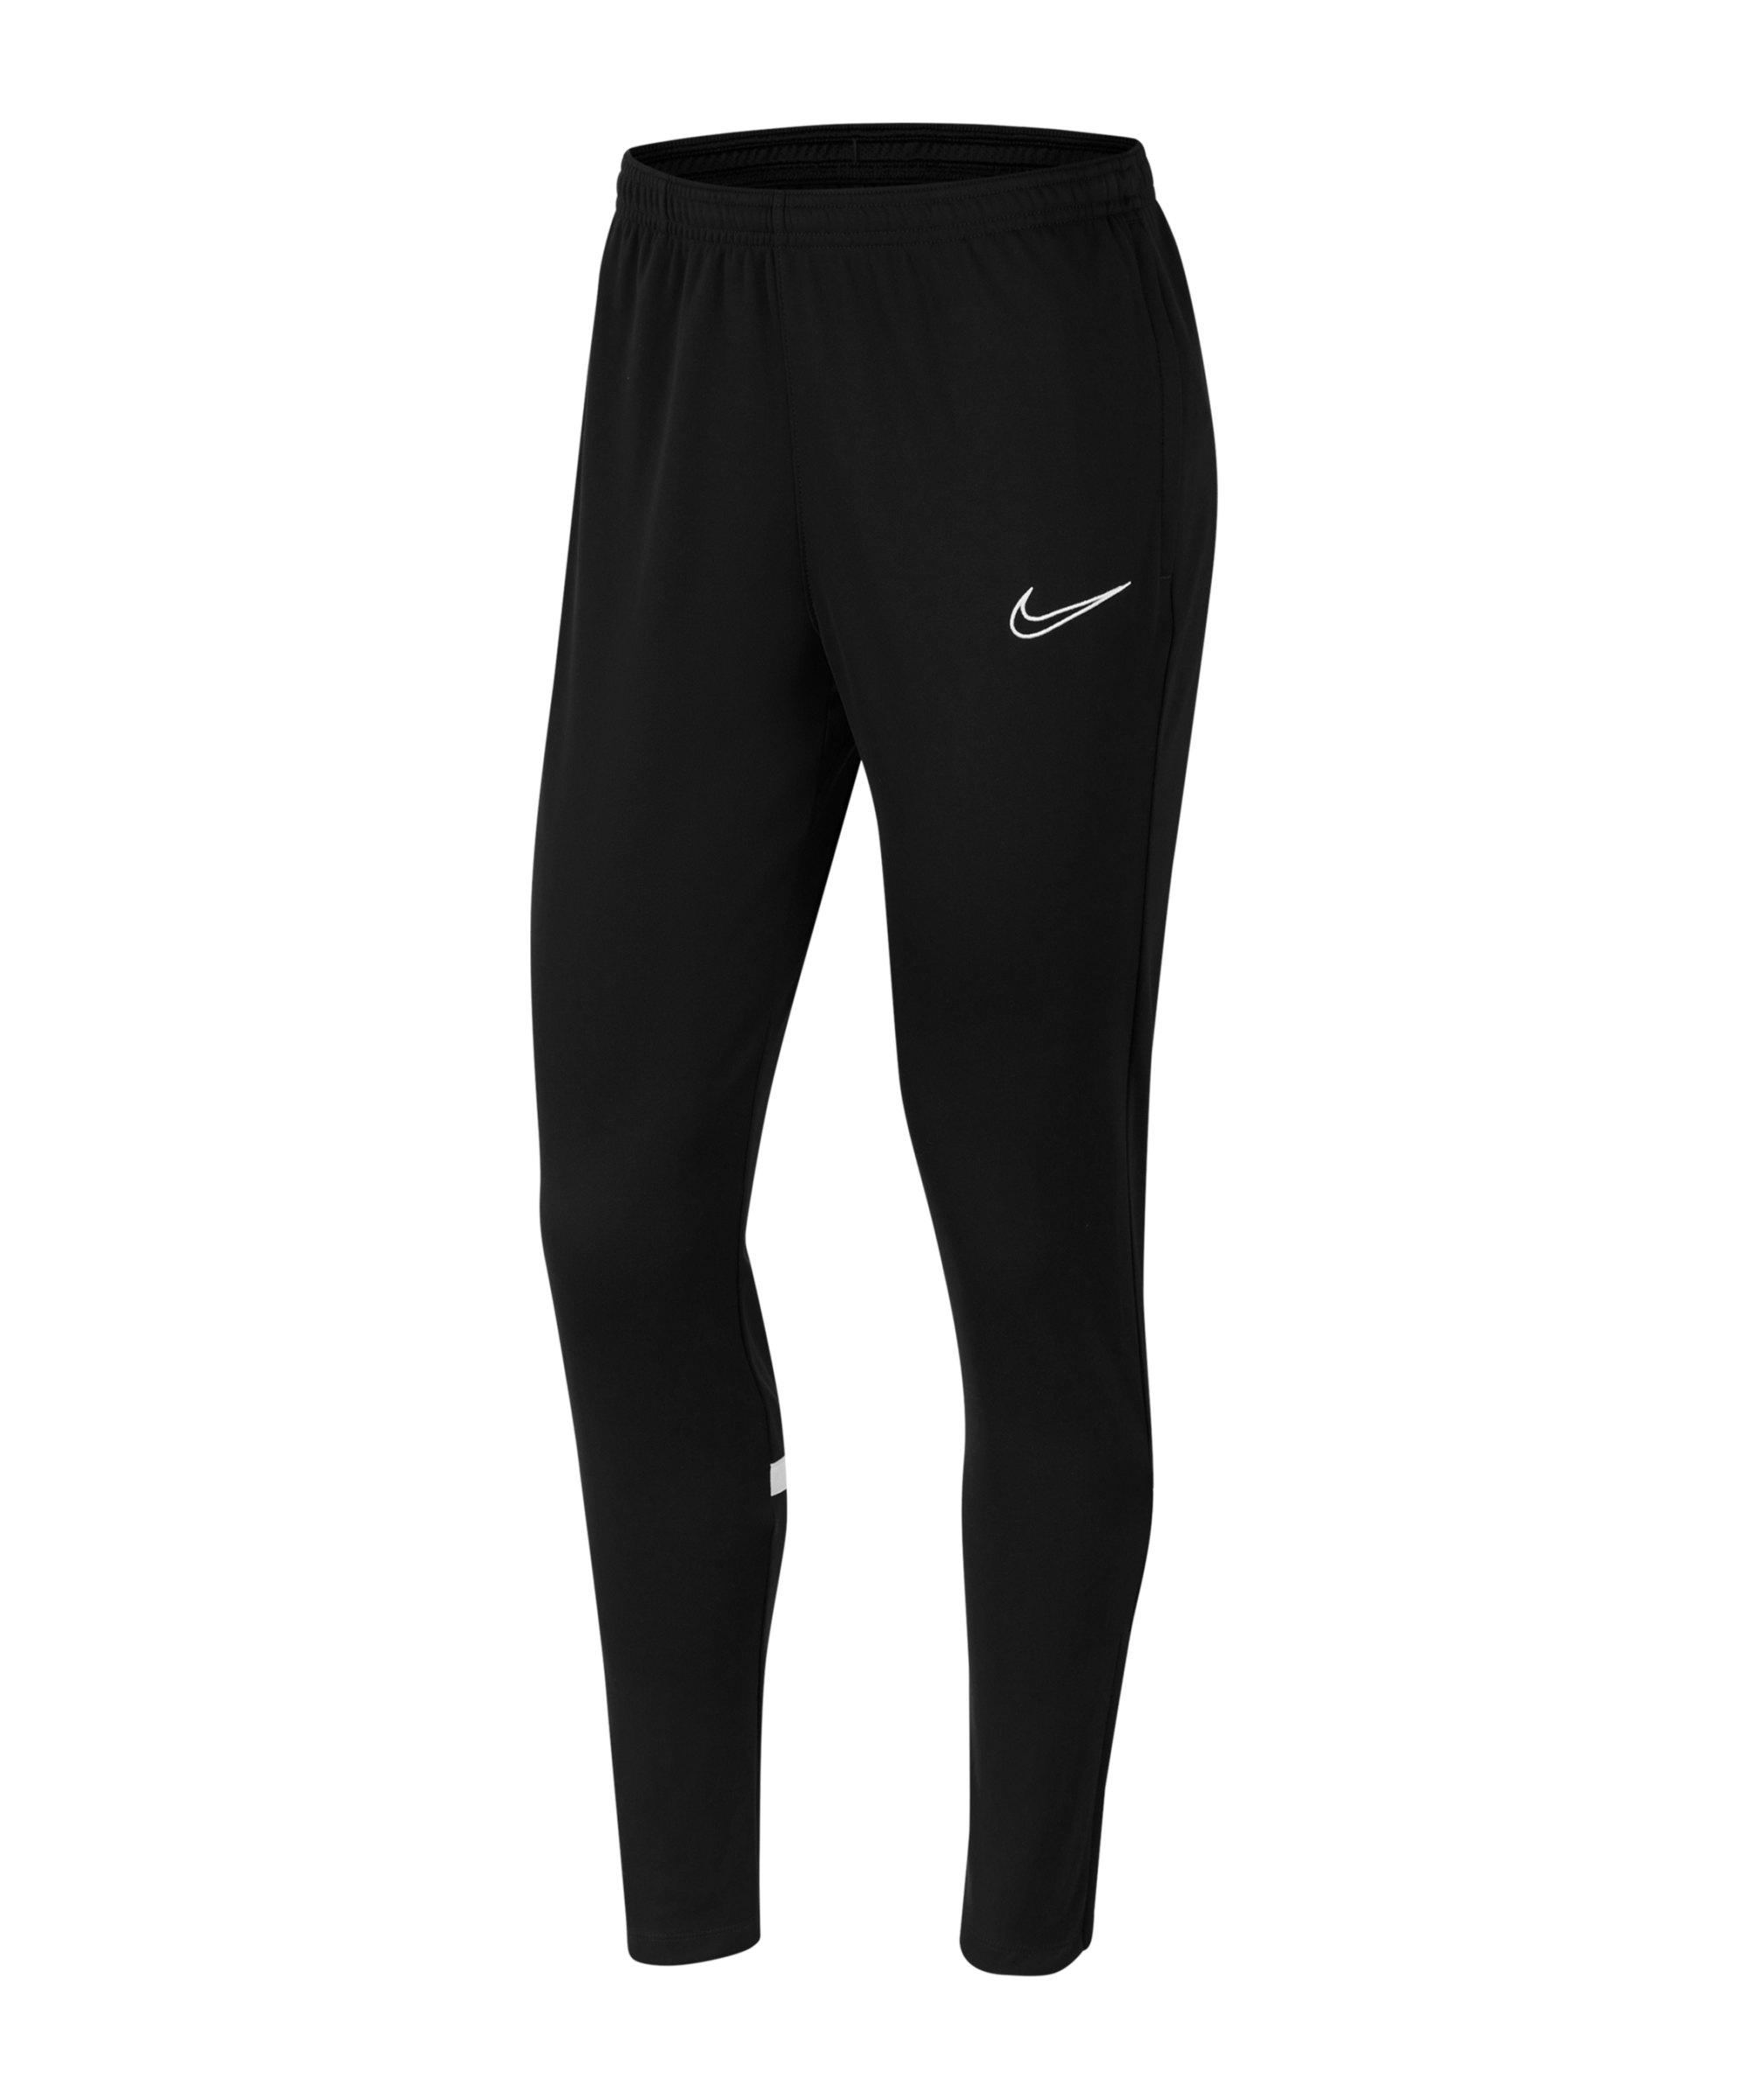 Nike Academy 21 Trainingshose Damen Schwarz F010 - schwarz